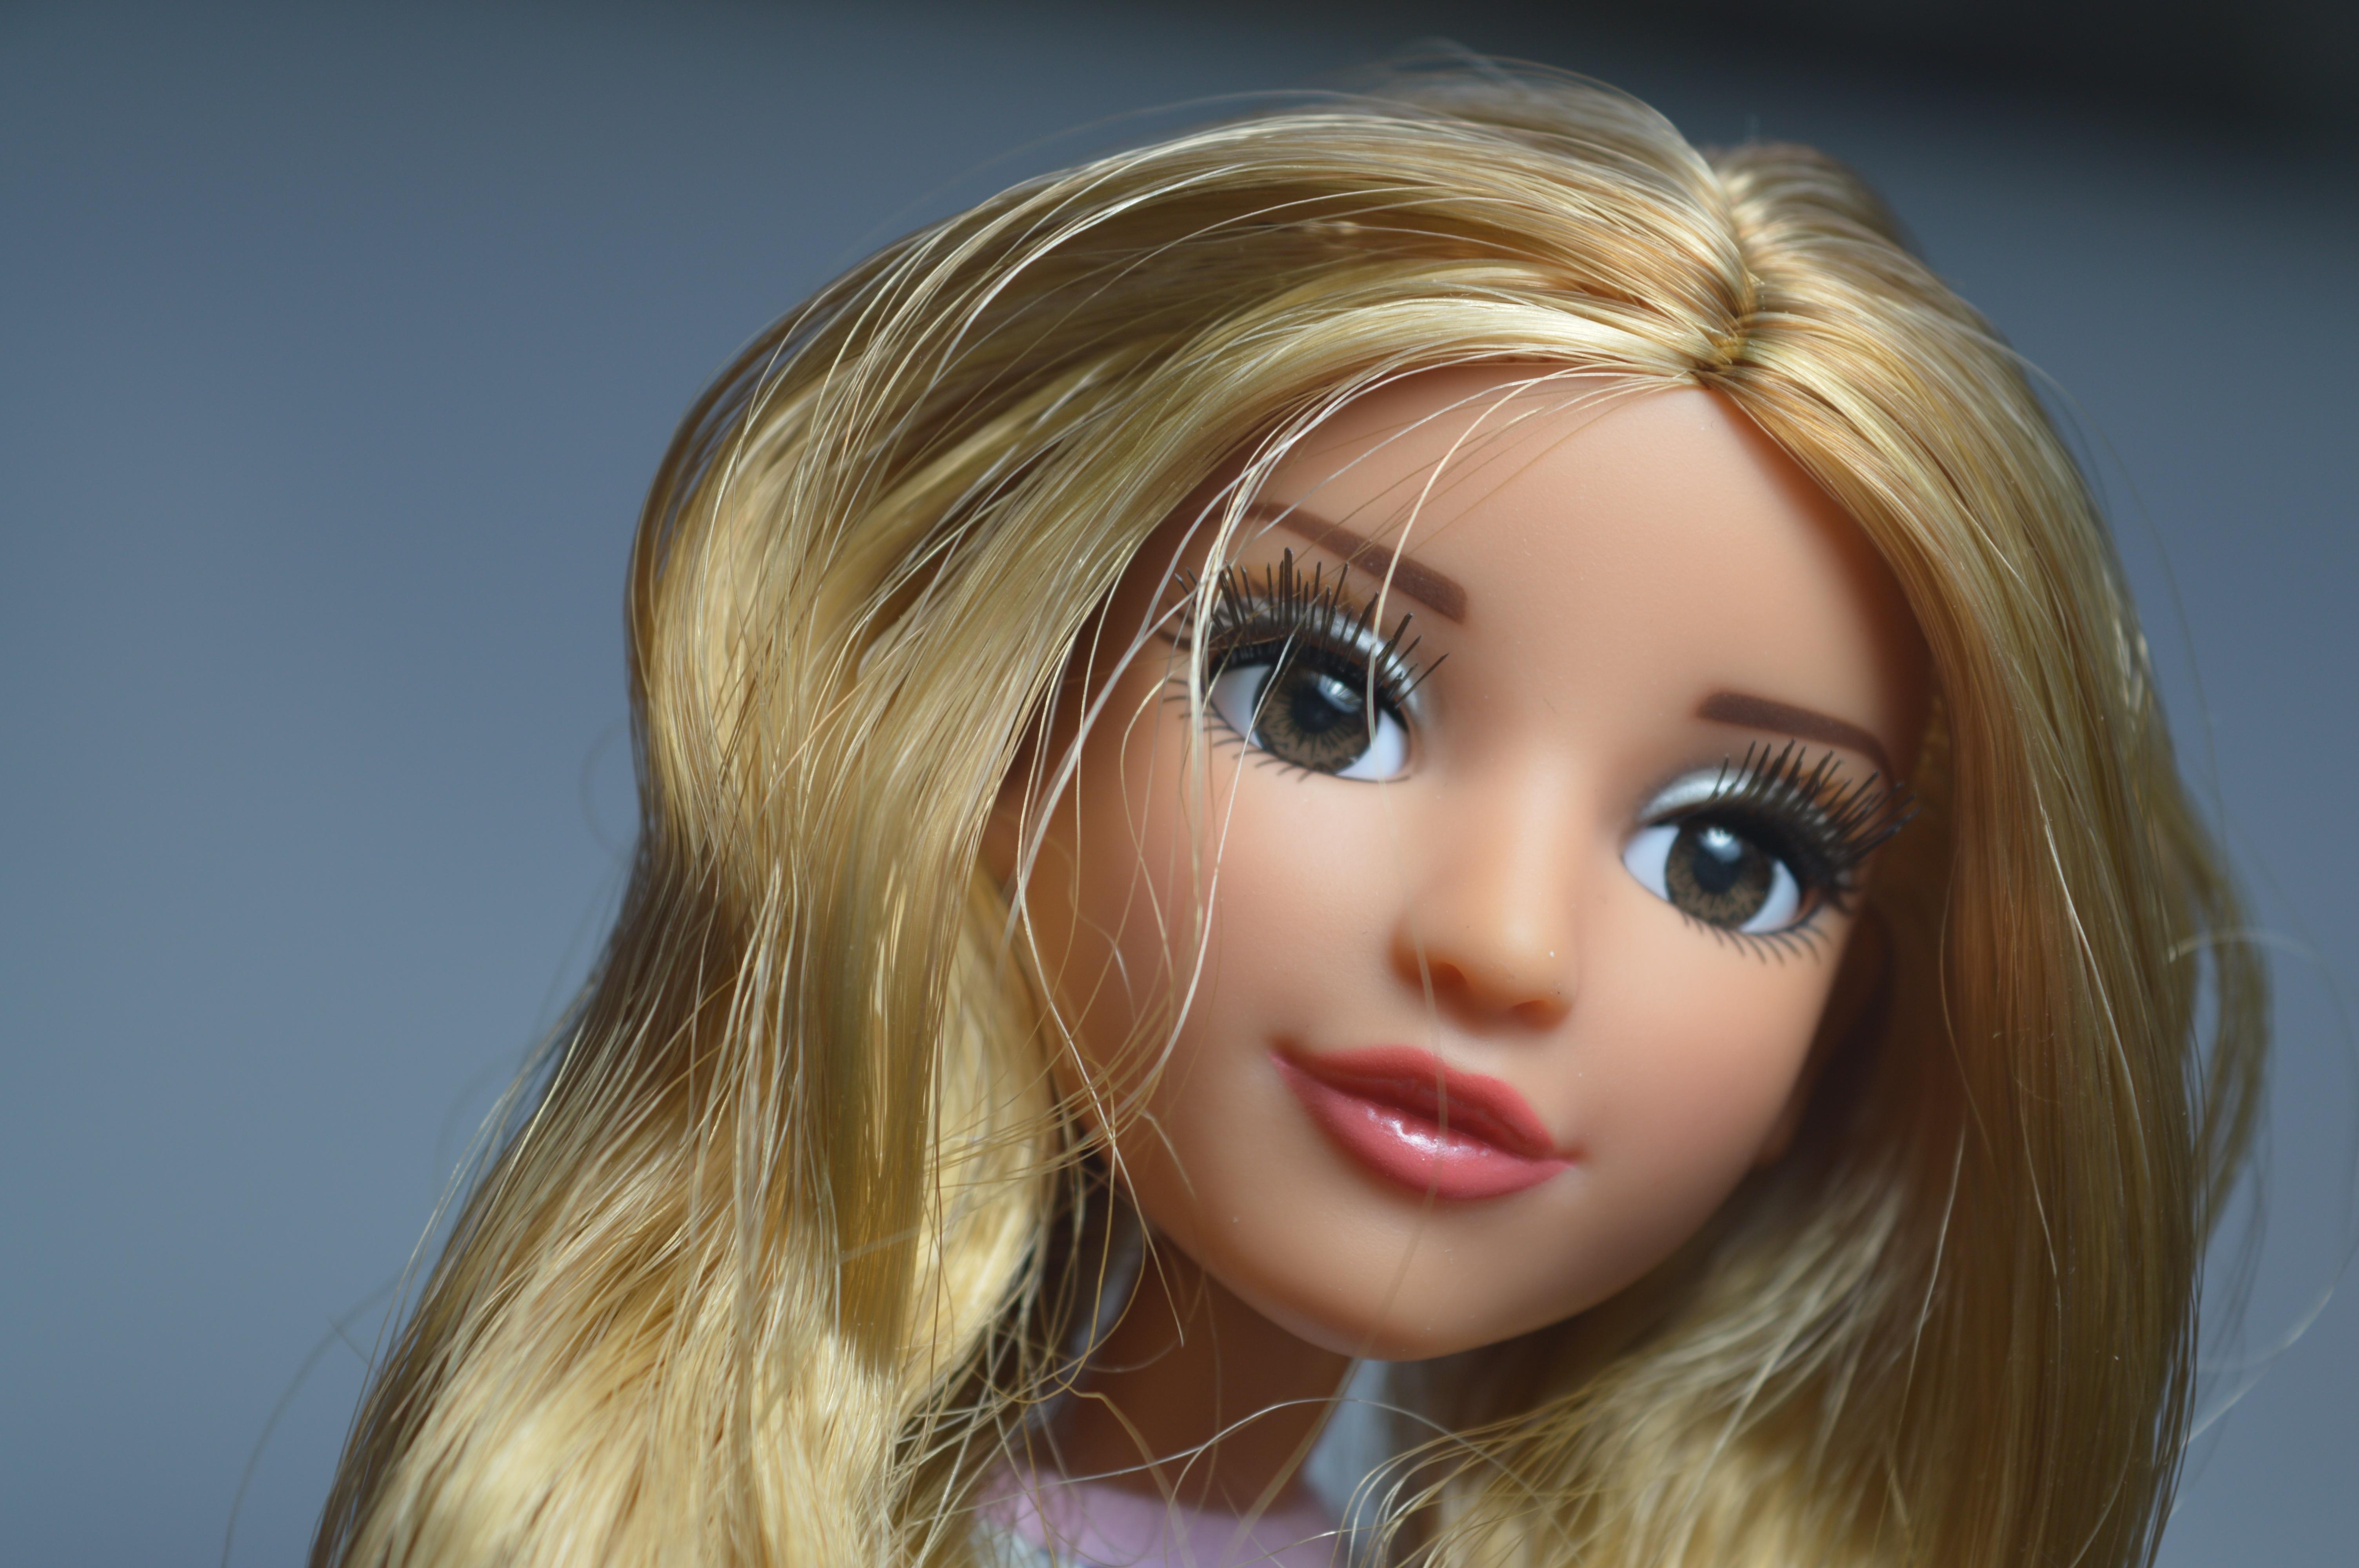 Блондинки в коже фото, кунилингус ролики онлайн